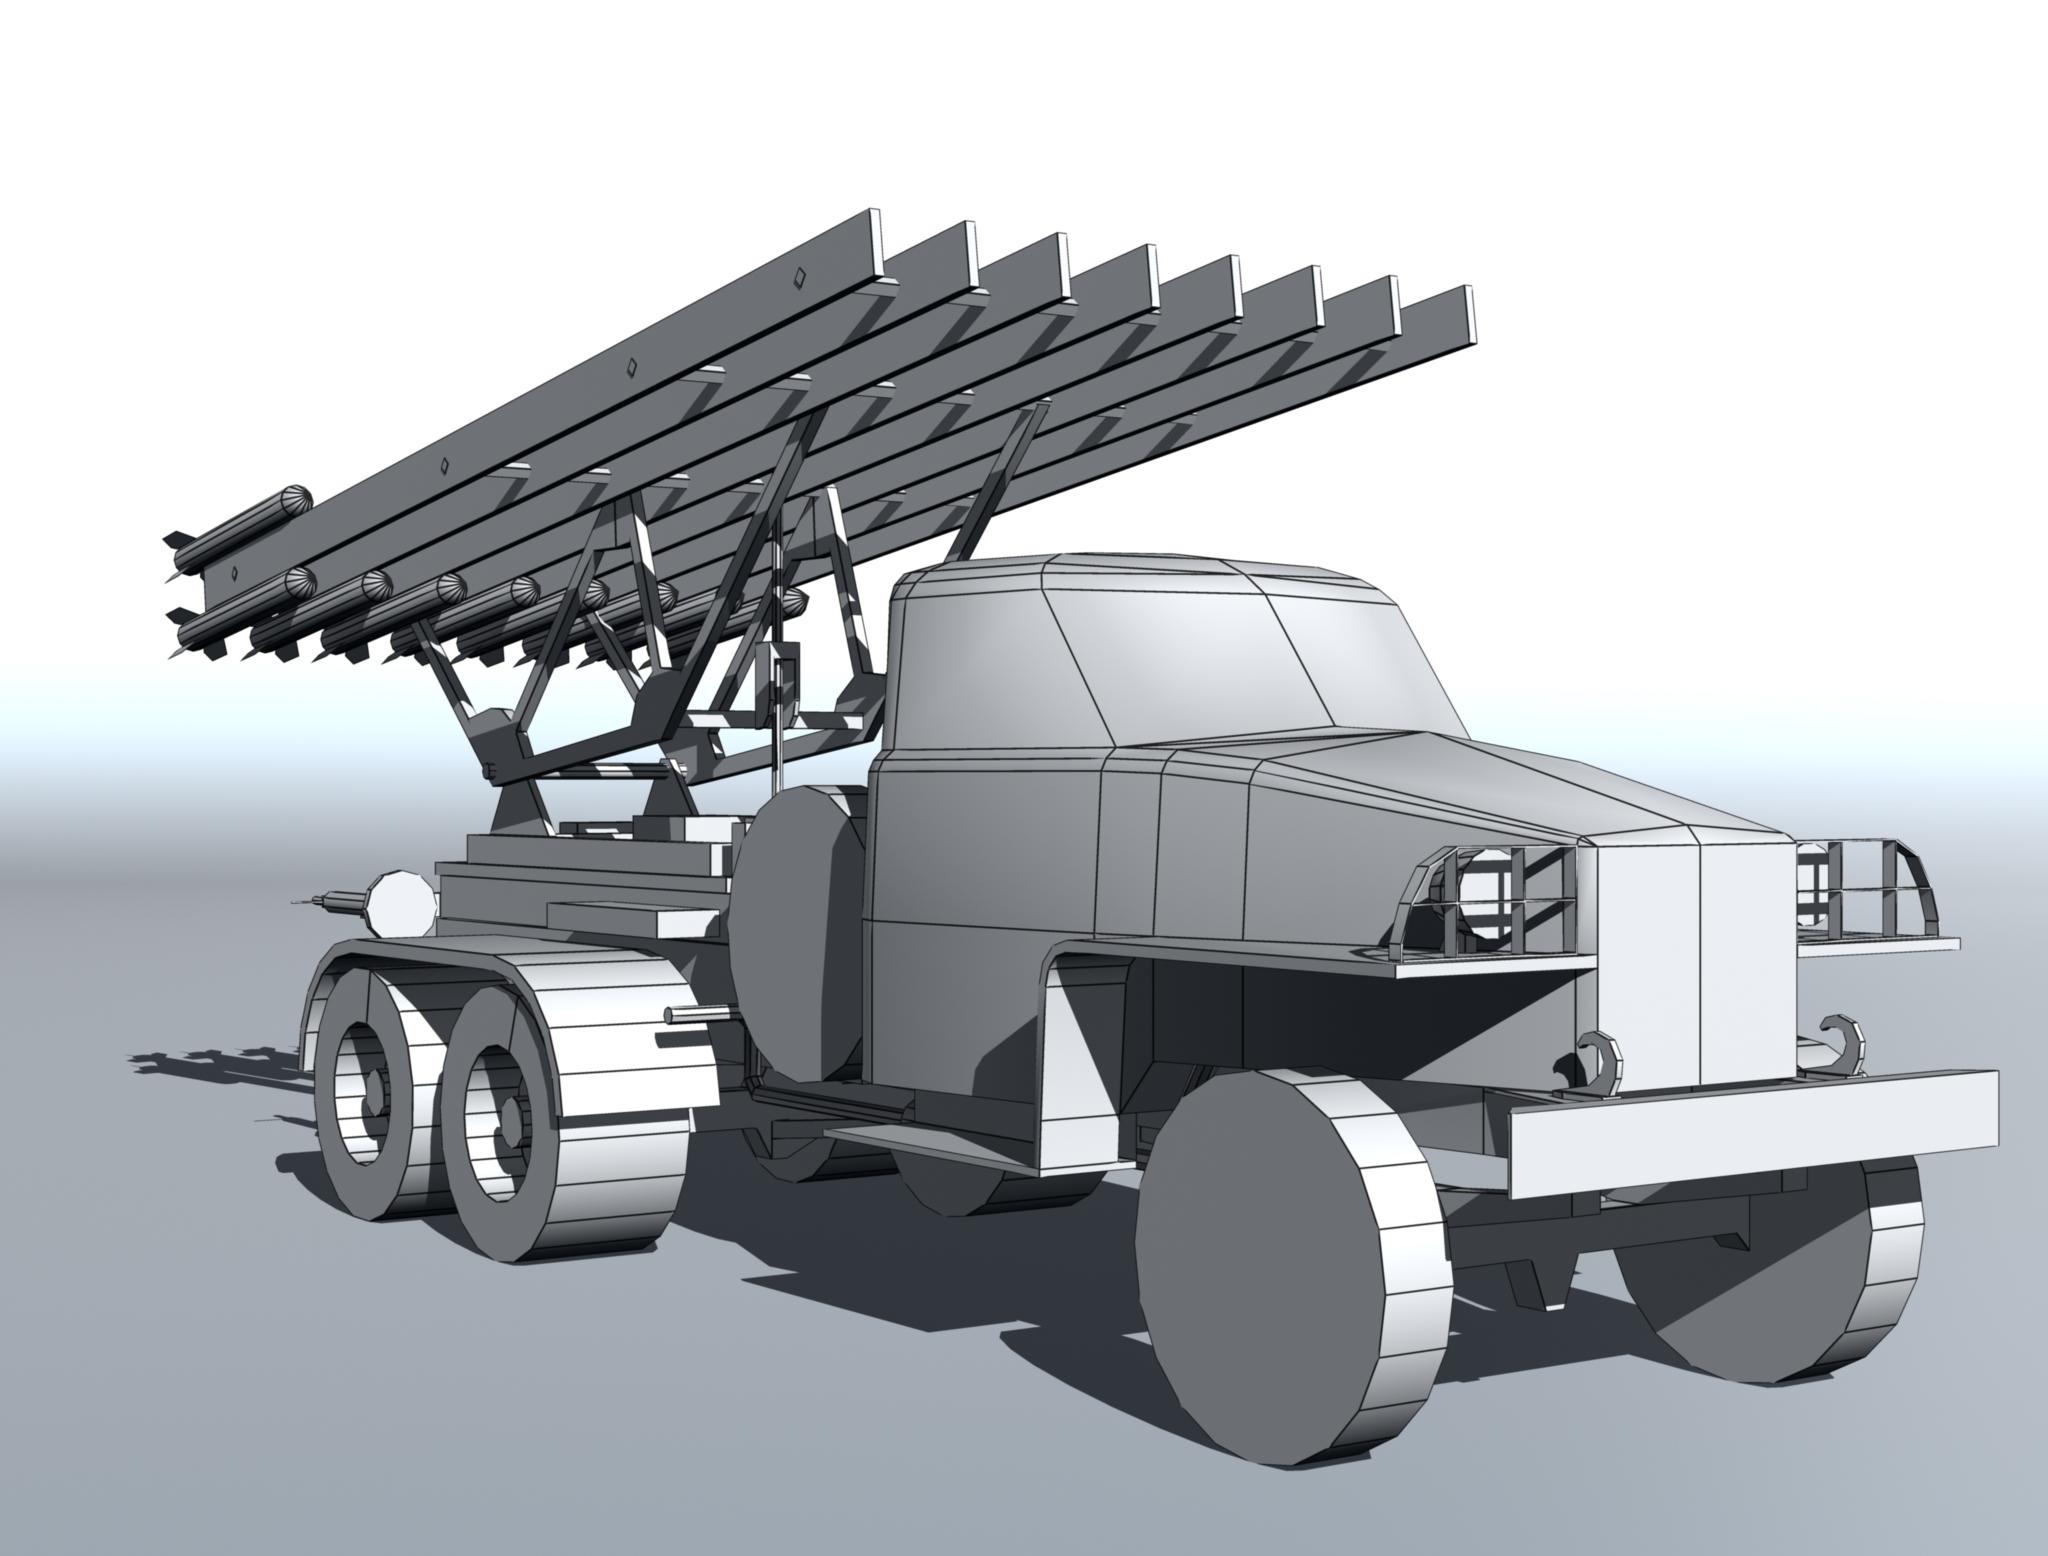 bm-13 – installation rocket artillery 'katusha'. 3d model 3ds max fbx obj 213997